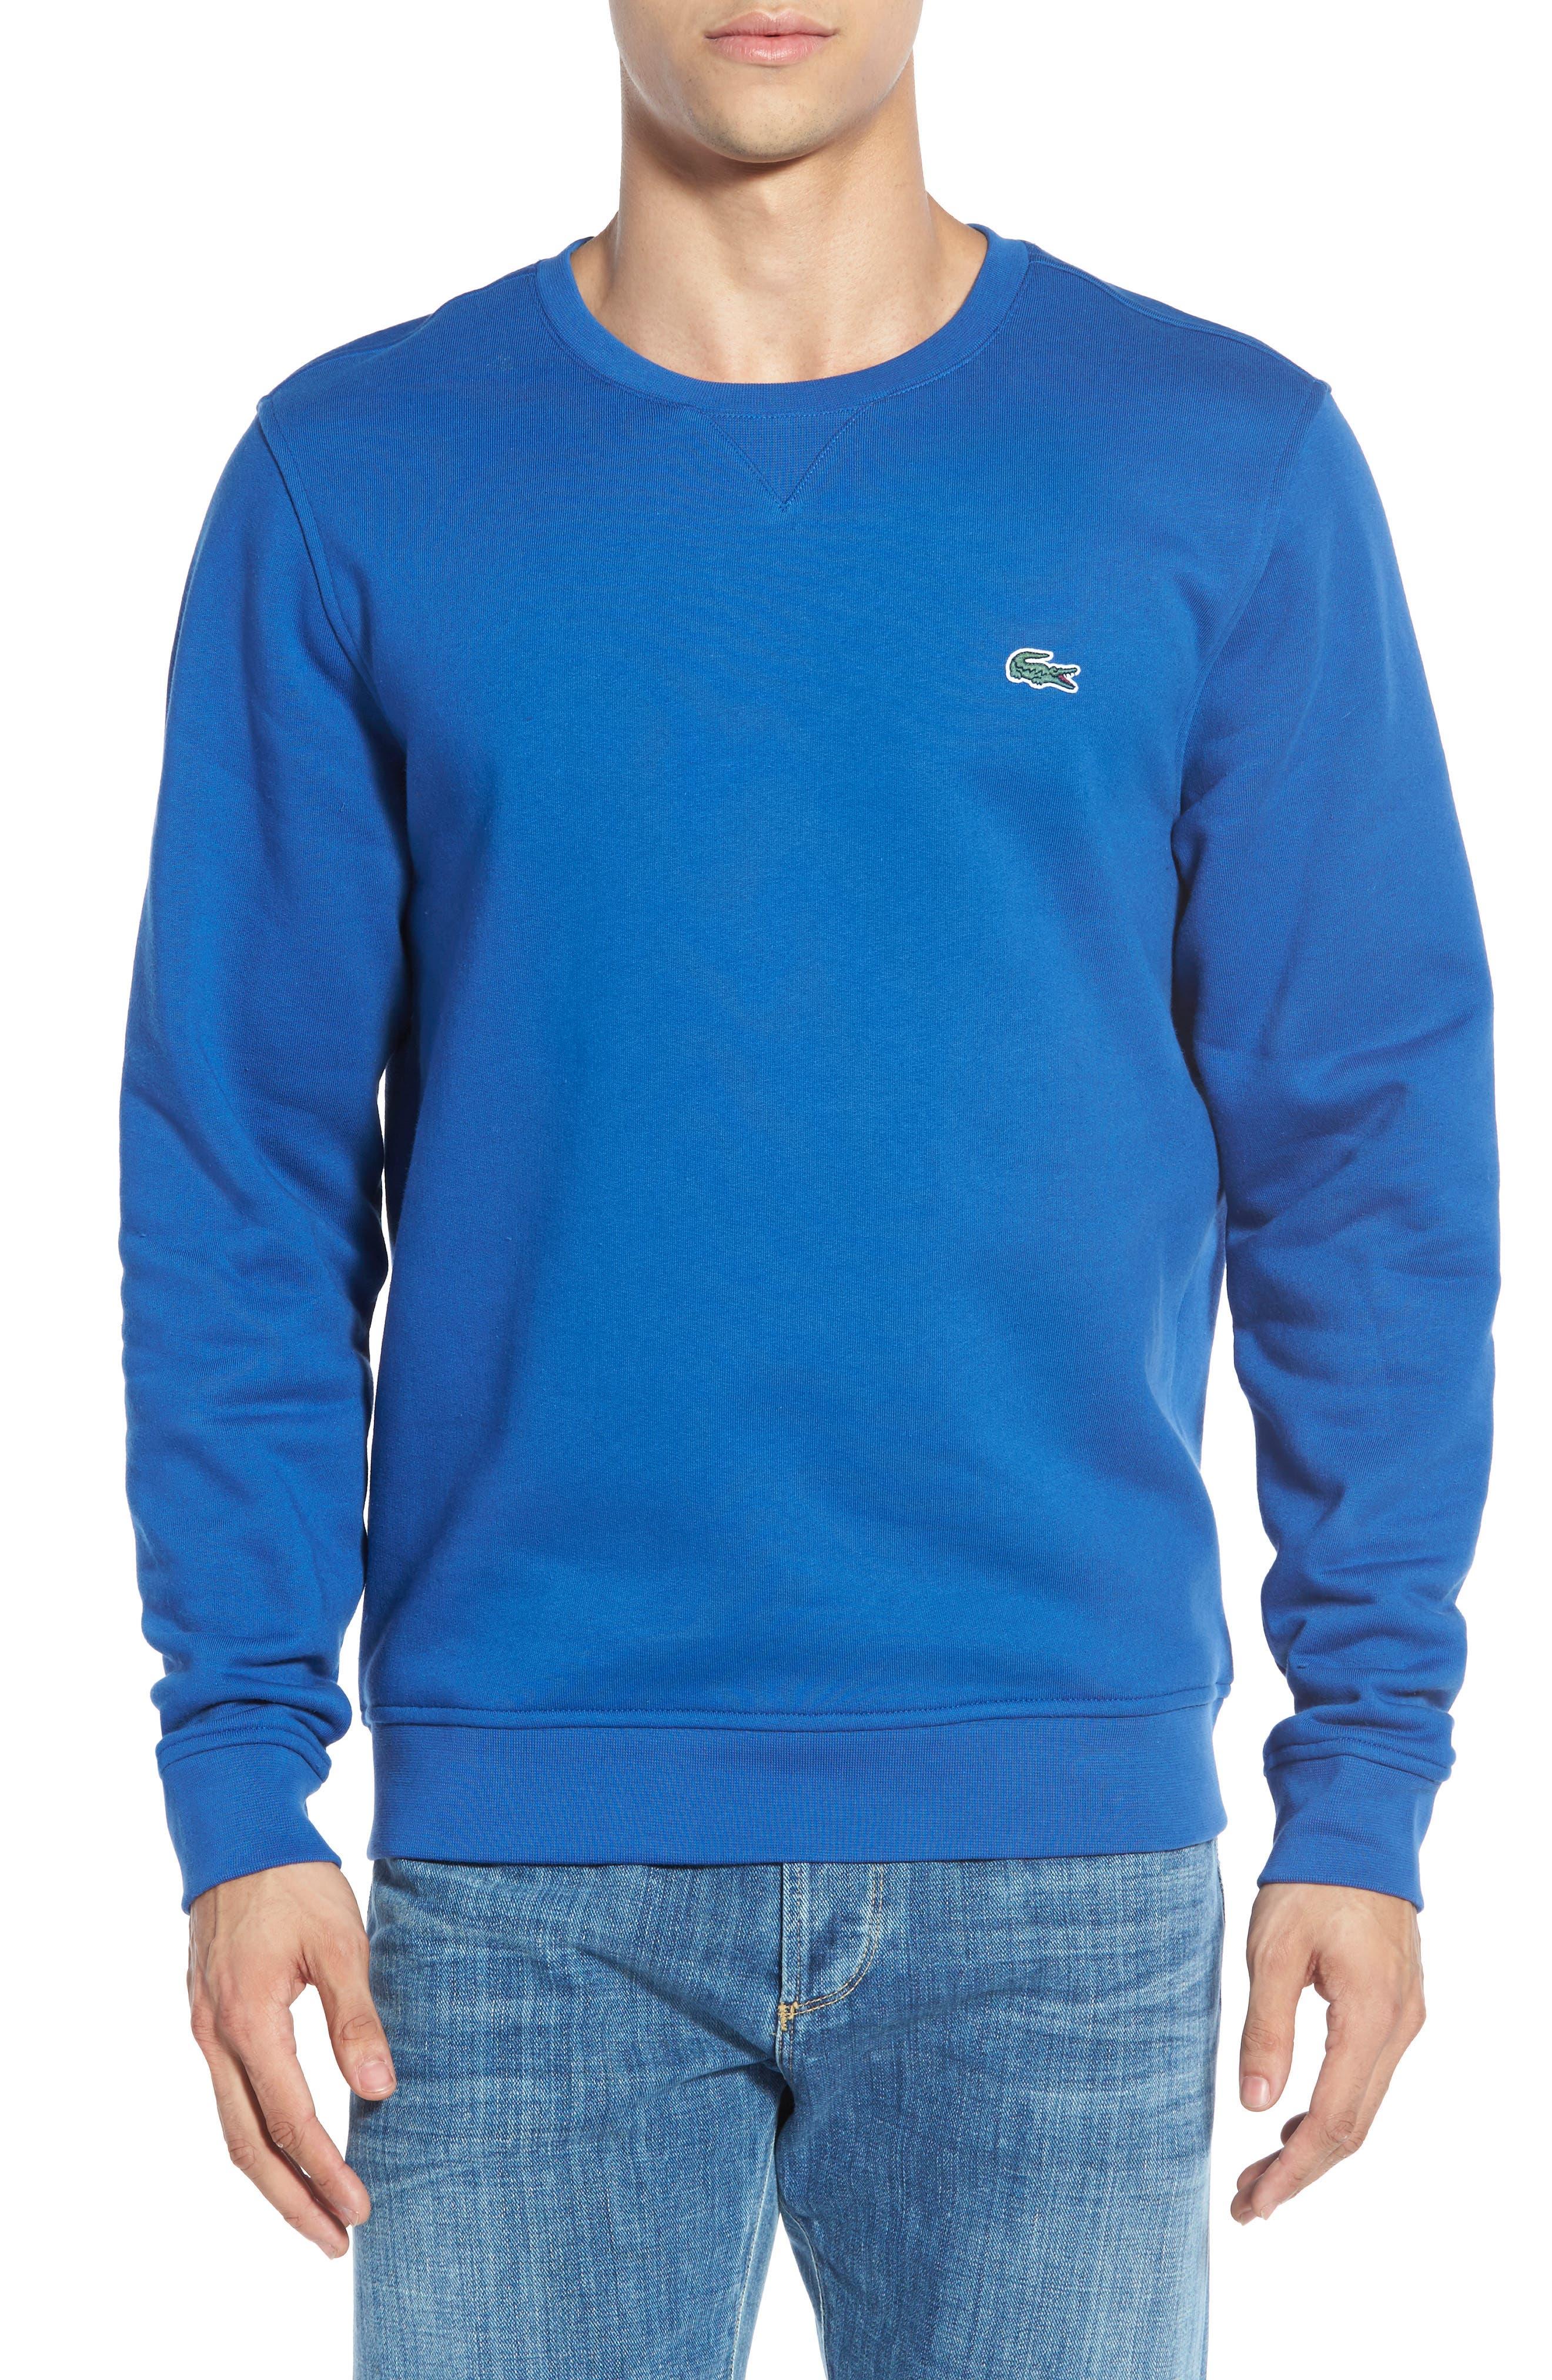 'Sport' Crewneck Sweatshirt,                         Main,                         color, NAVY